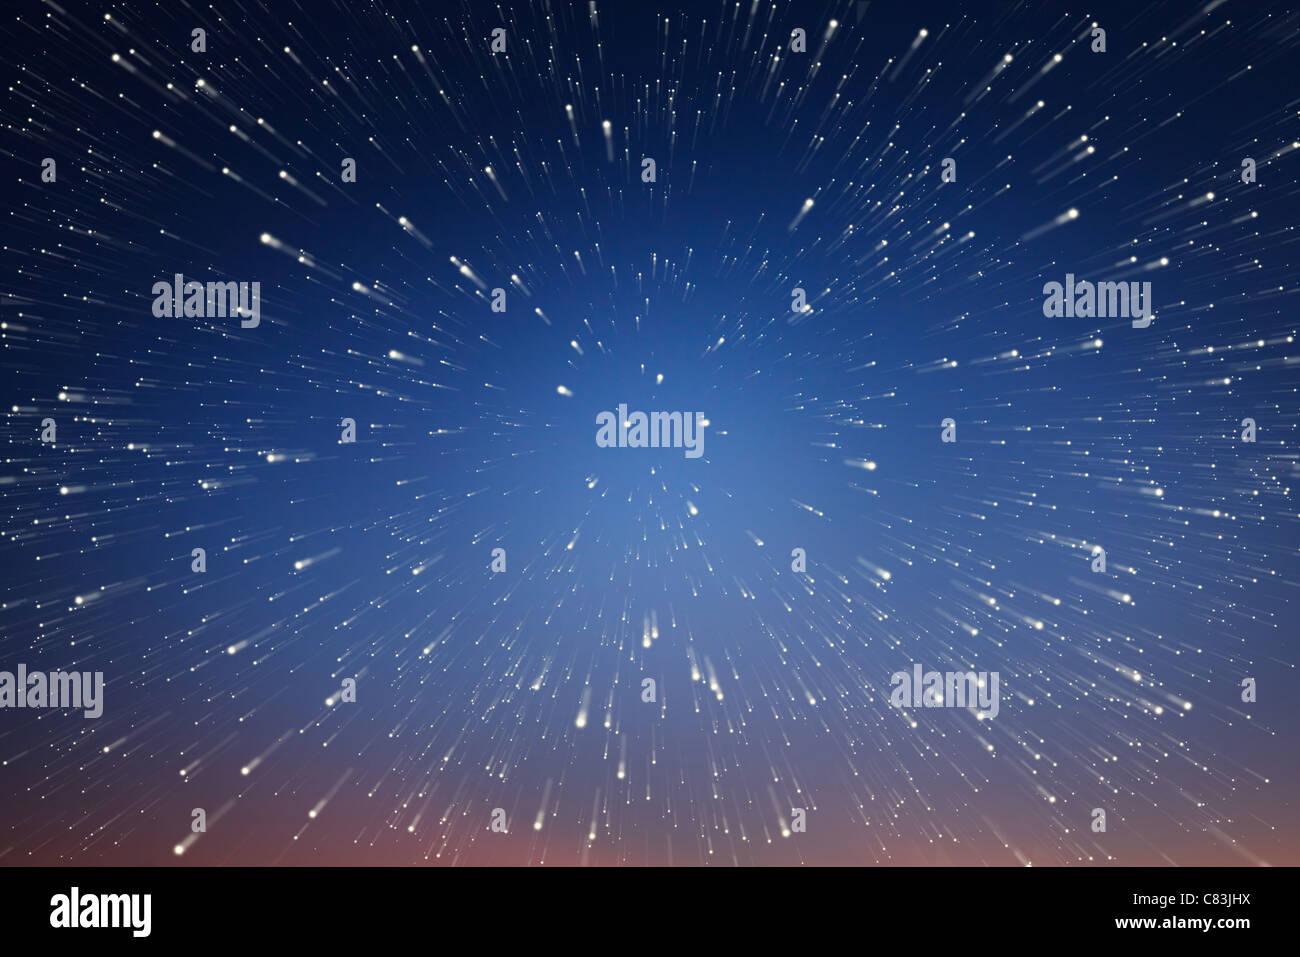 Abstract background. Il visualizzatore è in movimento nello spazio verso l'infinito. Immagini Stock